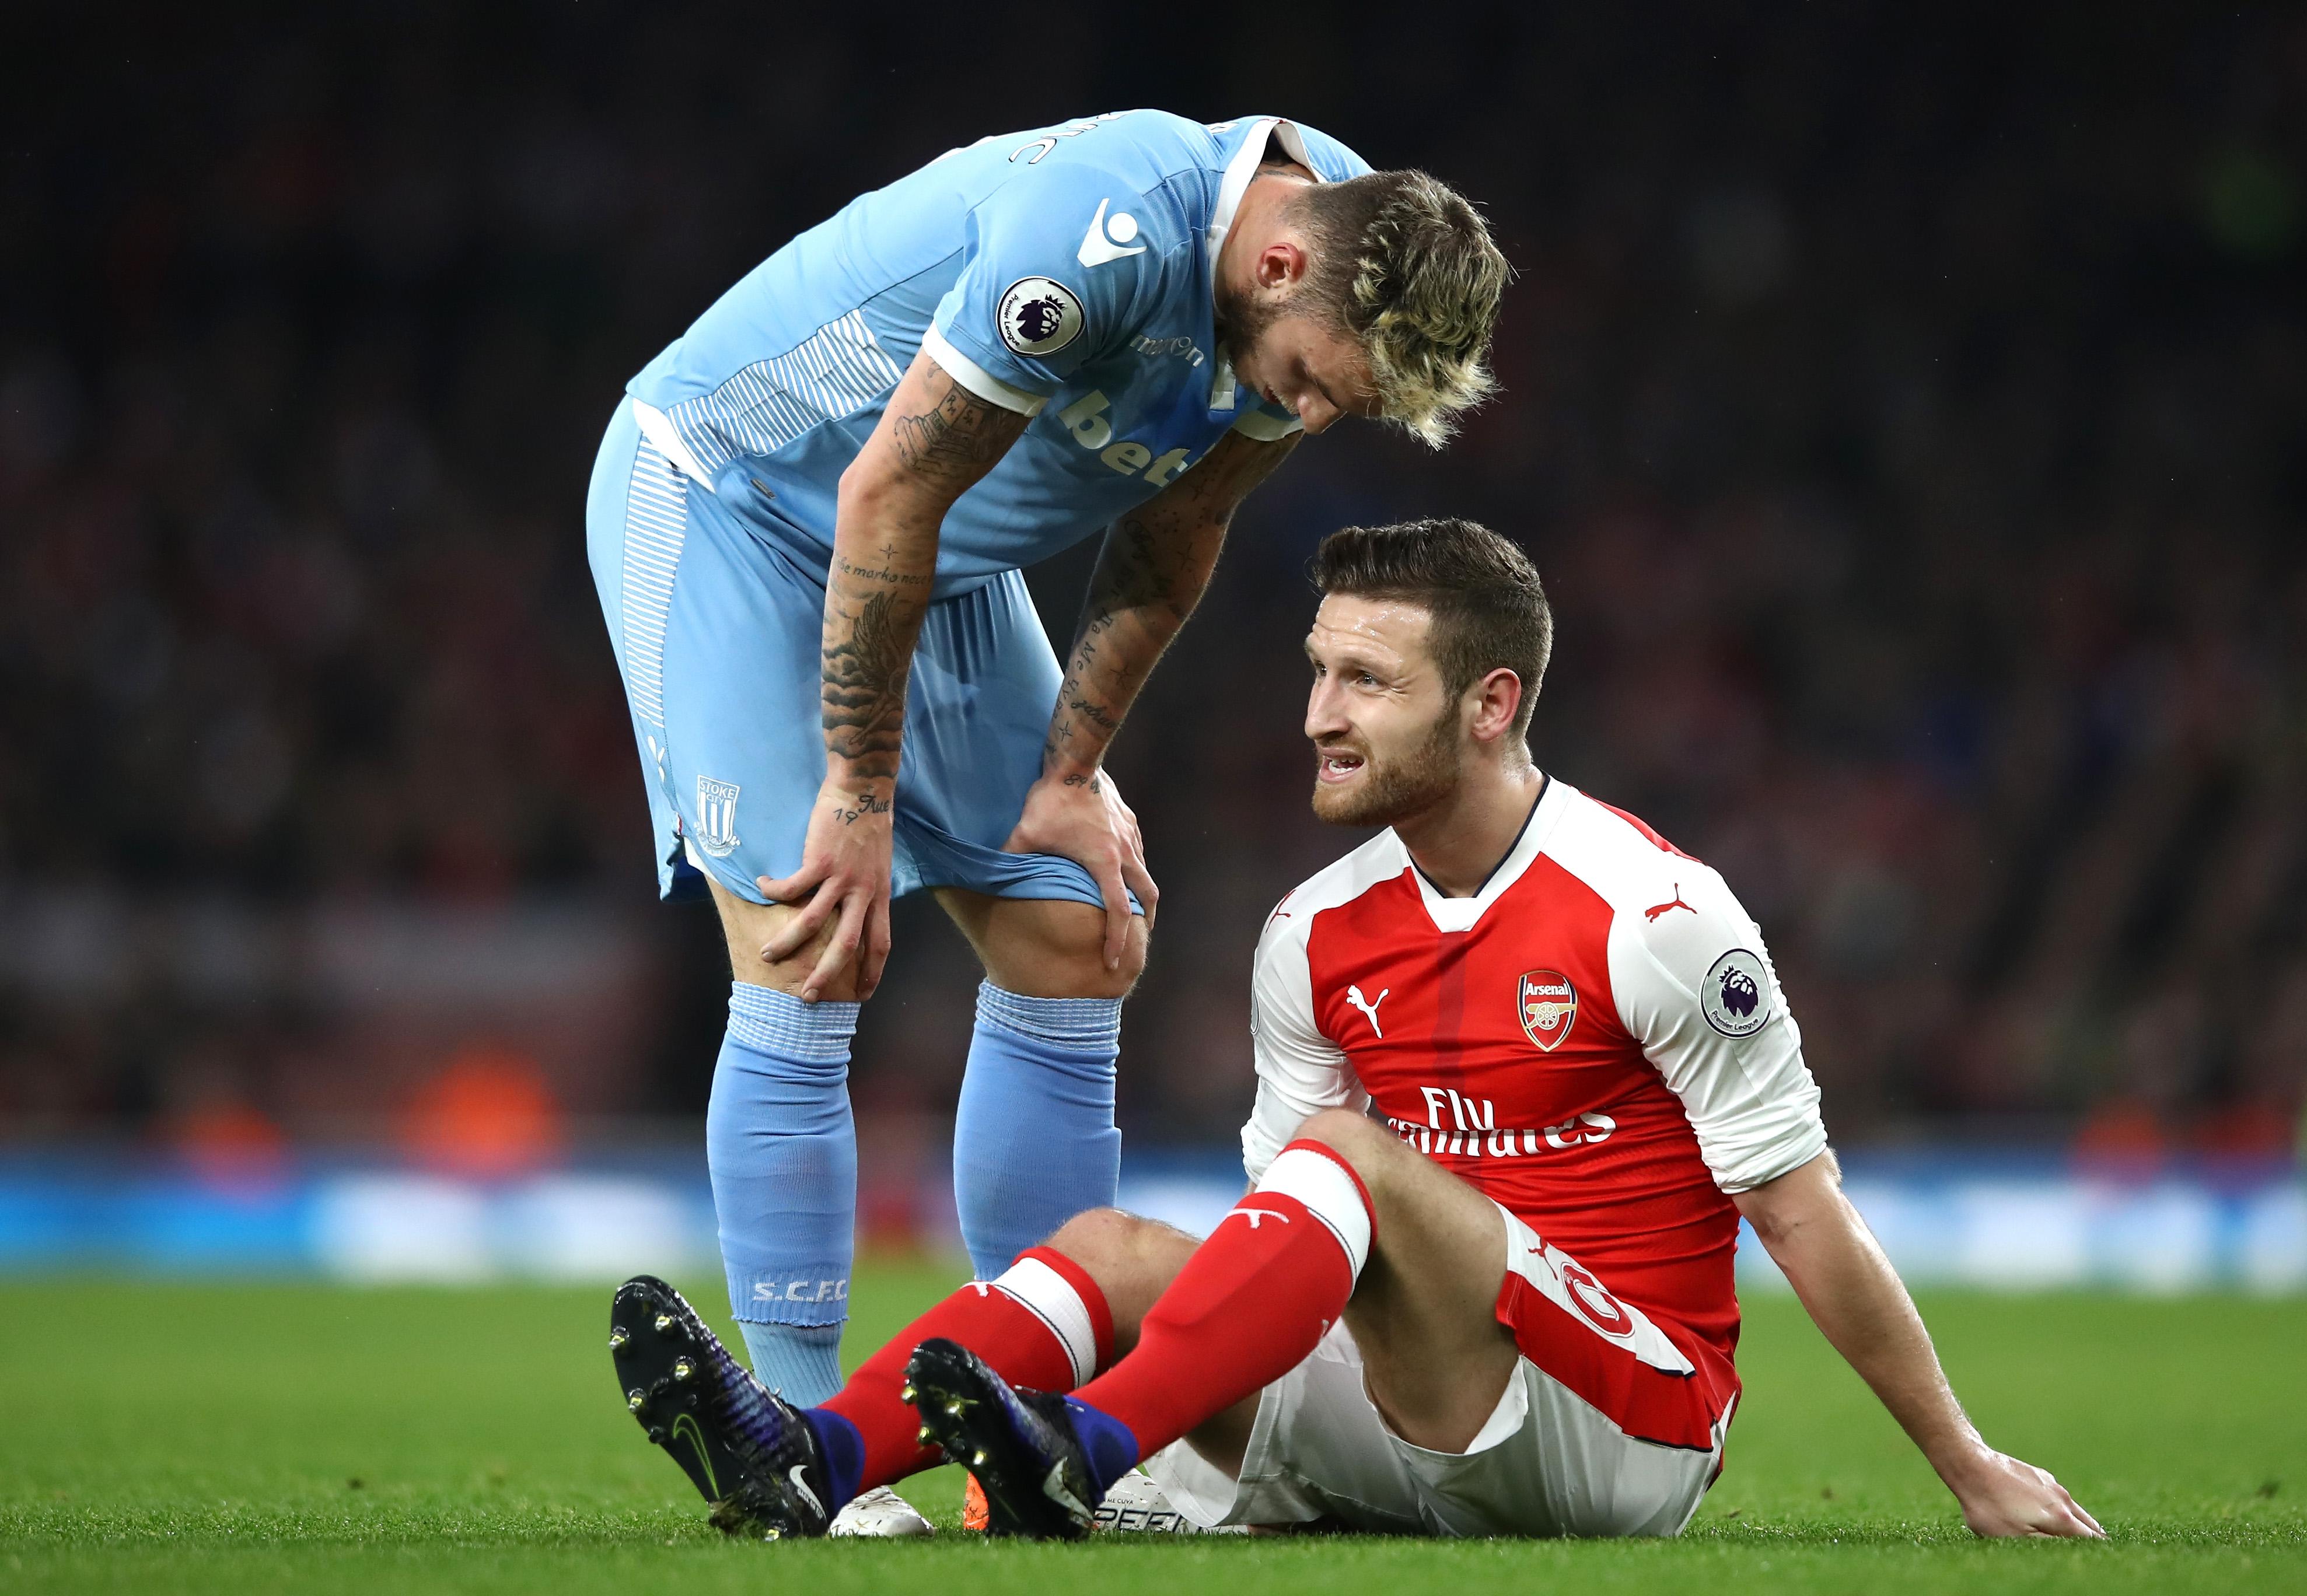 Arsenal star Shkodran Mustafi bemoans 'extremely bitter' timing of injury